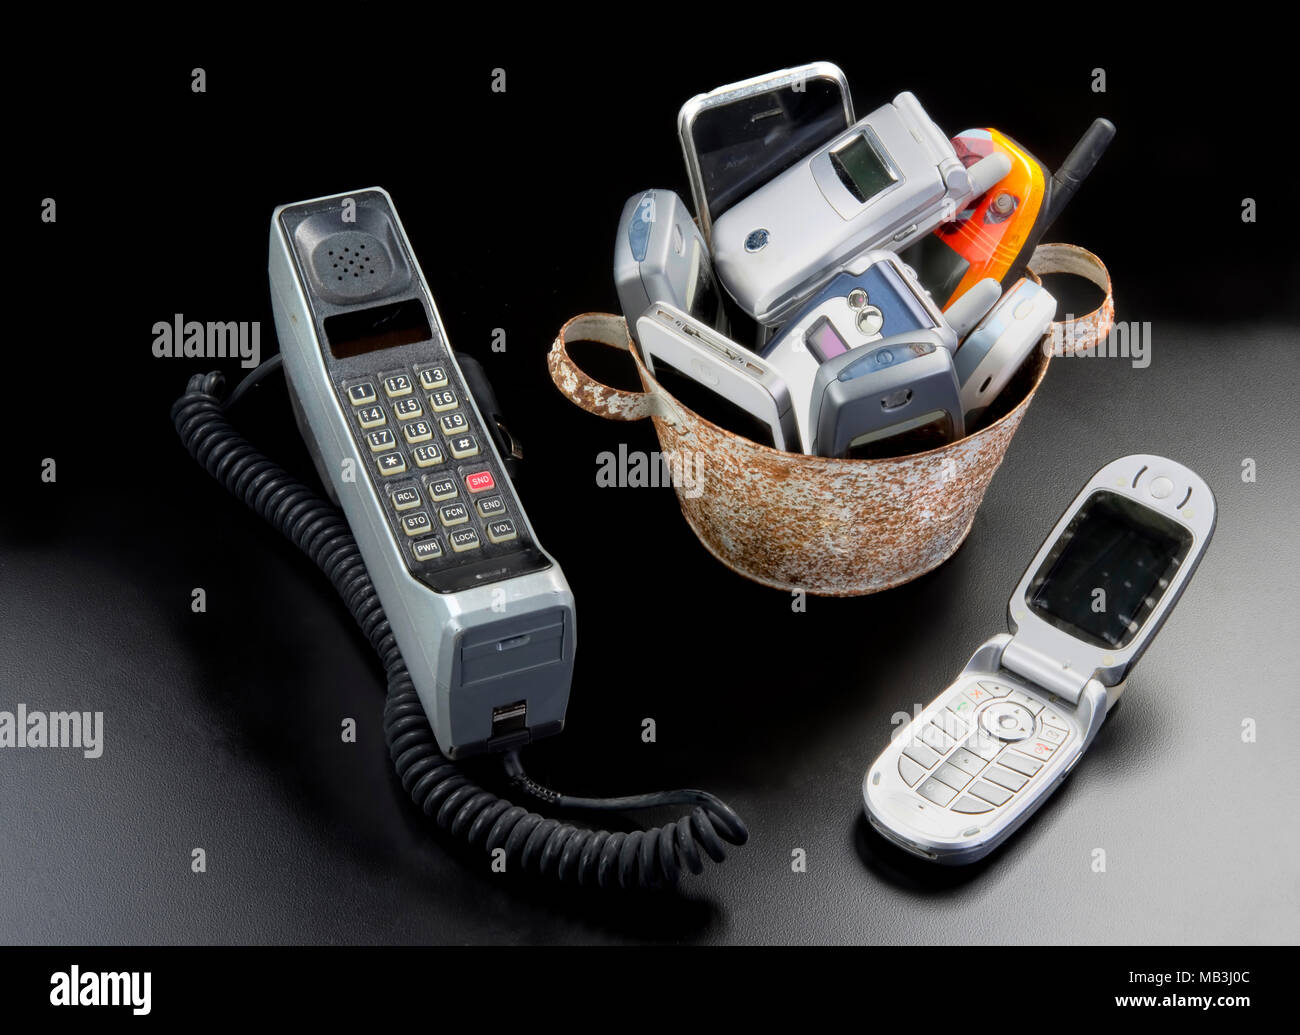 La cuchara y la mesa llena de teléfonos celulares viejos Foto ...